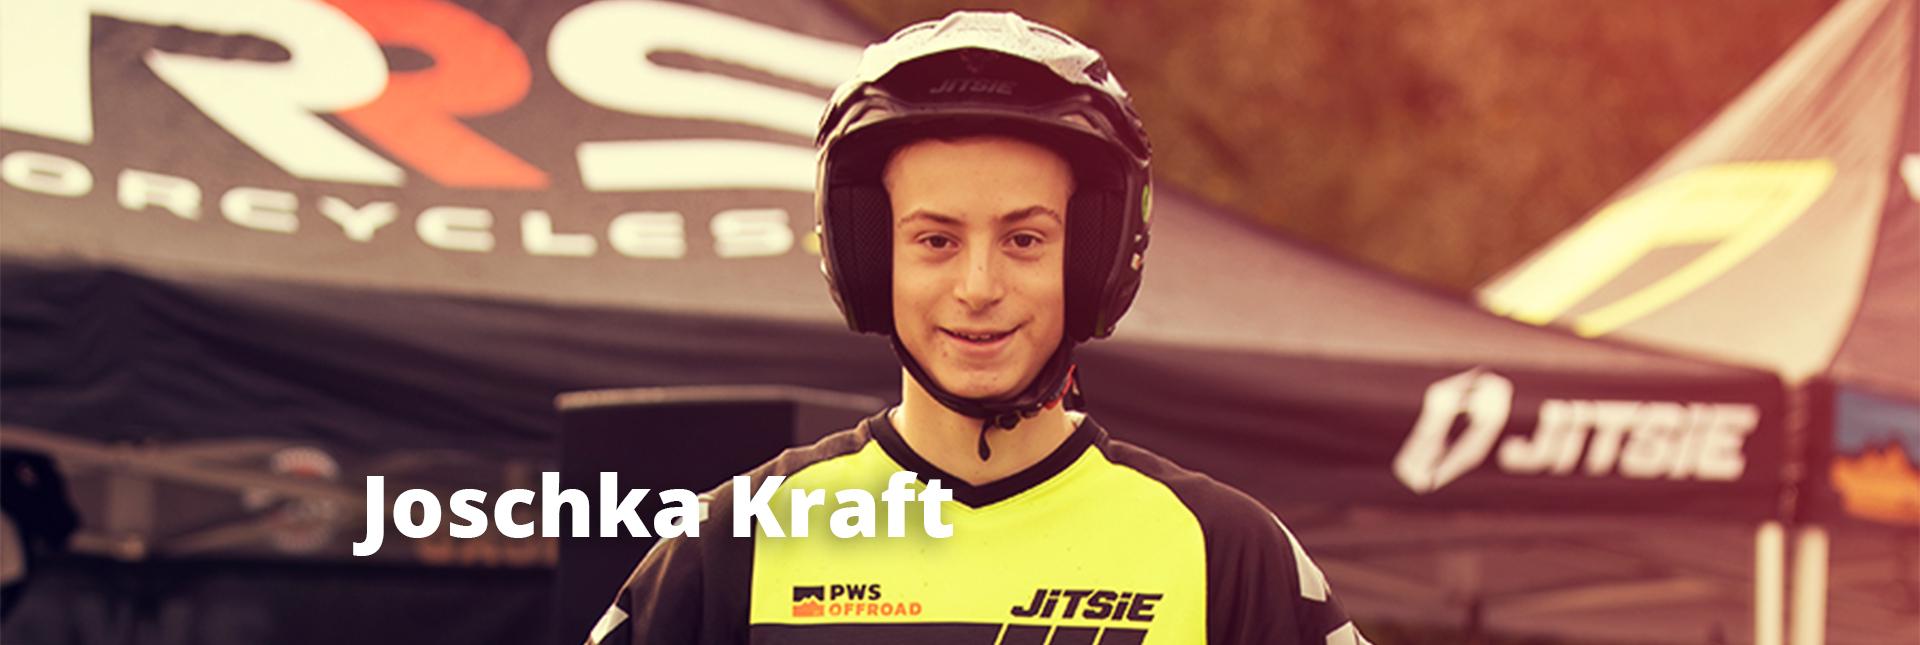 Joschka Kraft